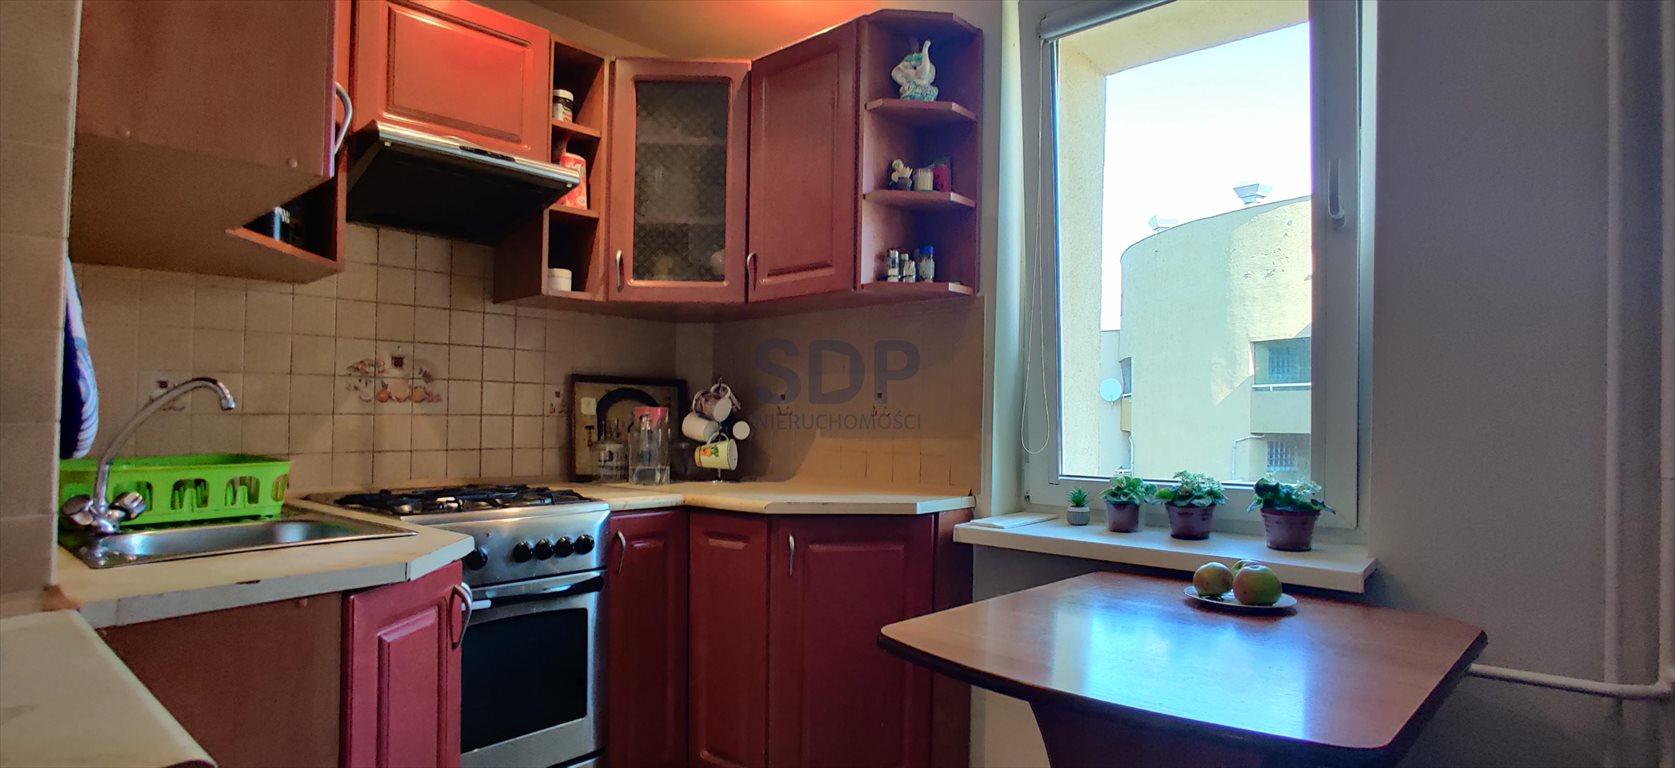 Mieszkanie trzypokojowe na sprzedaż Wrocław, Krzyki, Huby, Gliniana  62m2 Foto 11